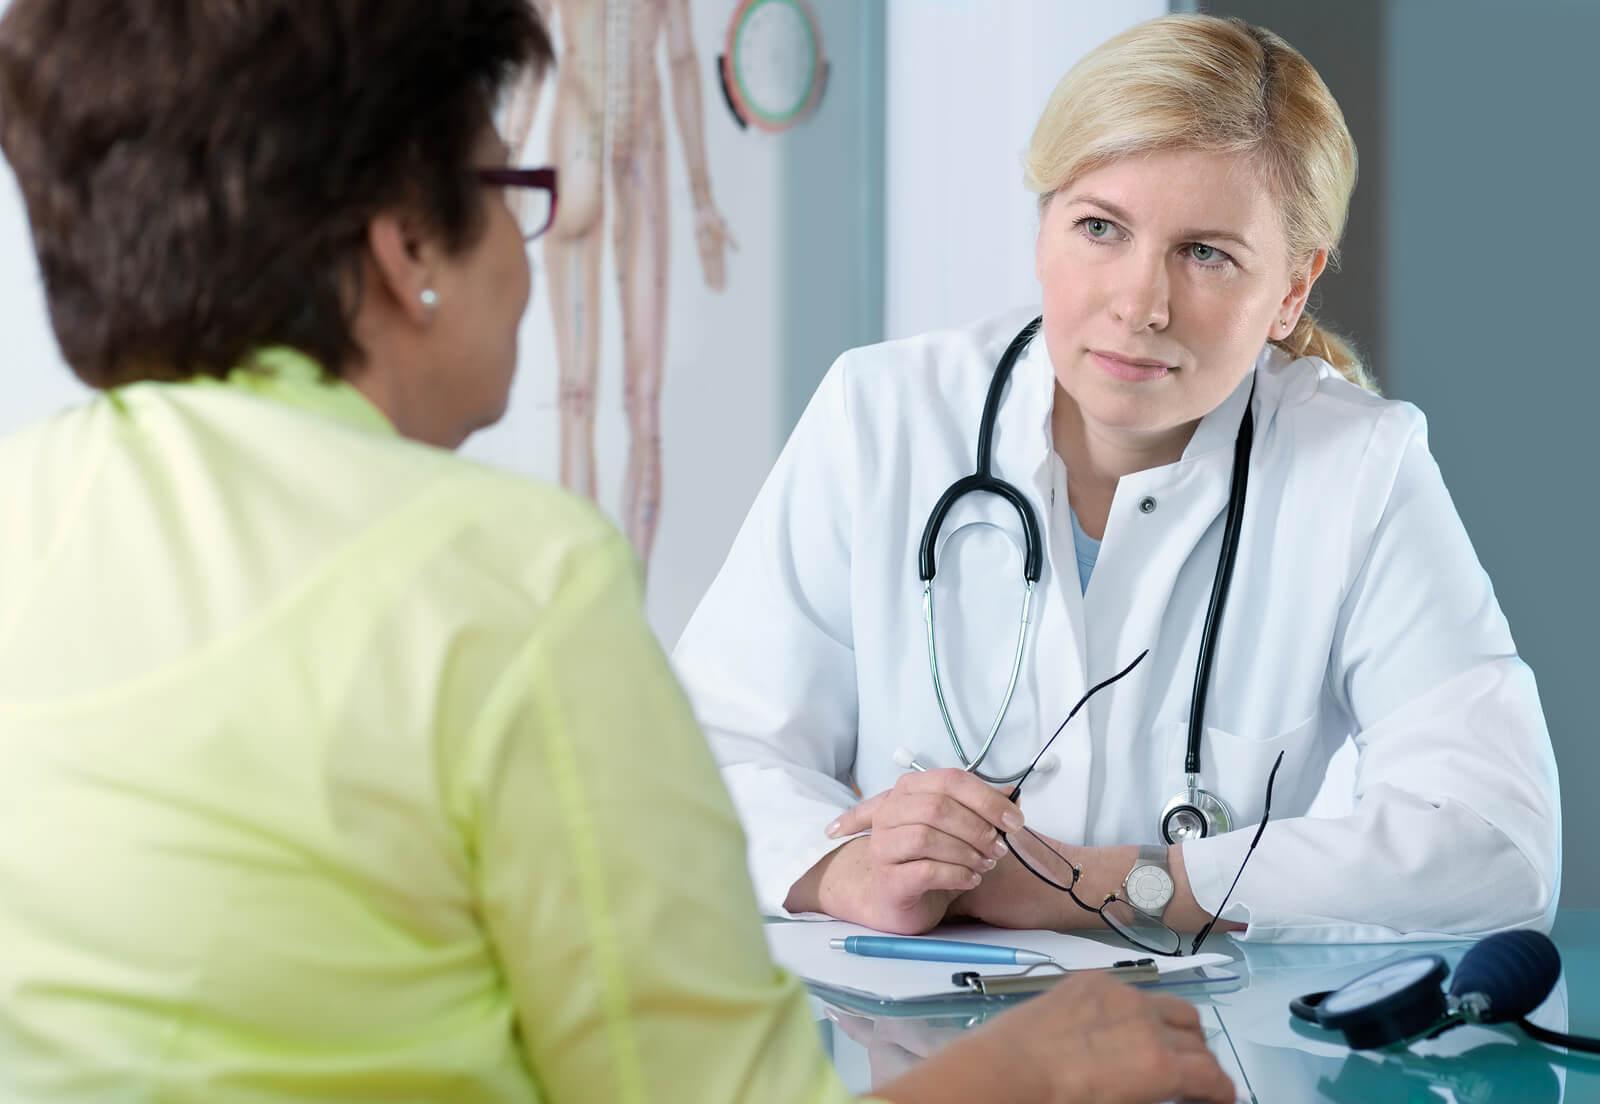 Выездные консультации врачей в Волховском районе